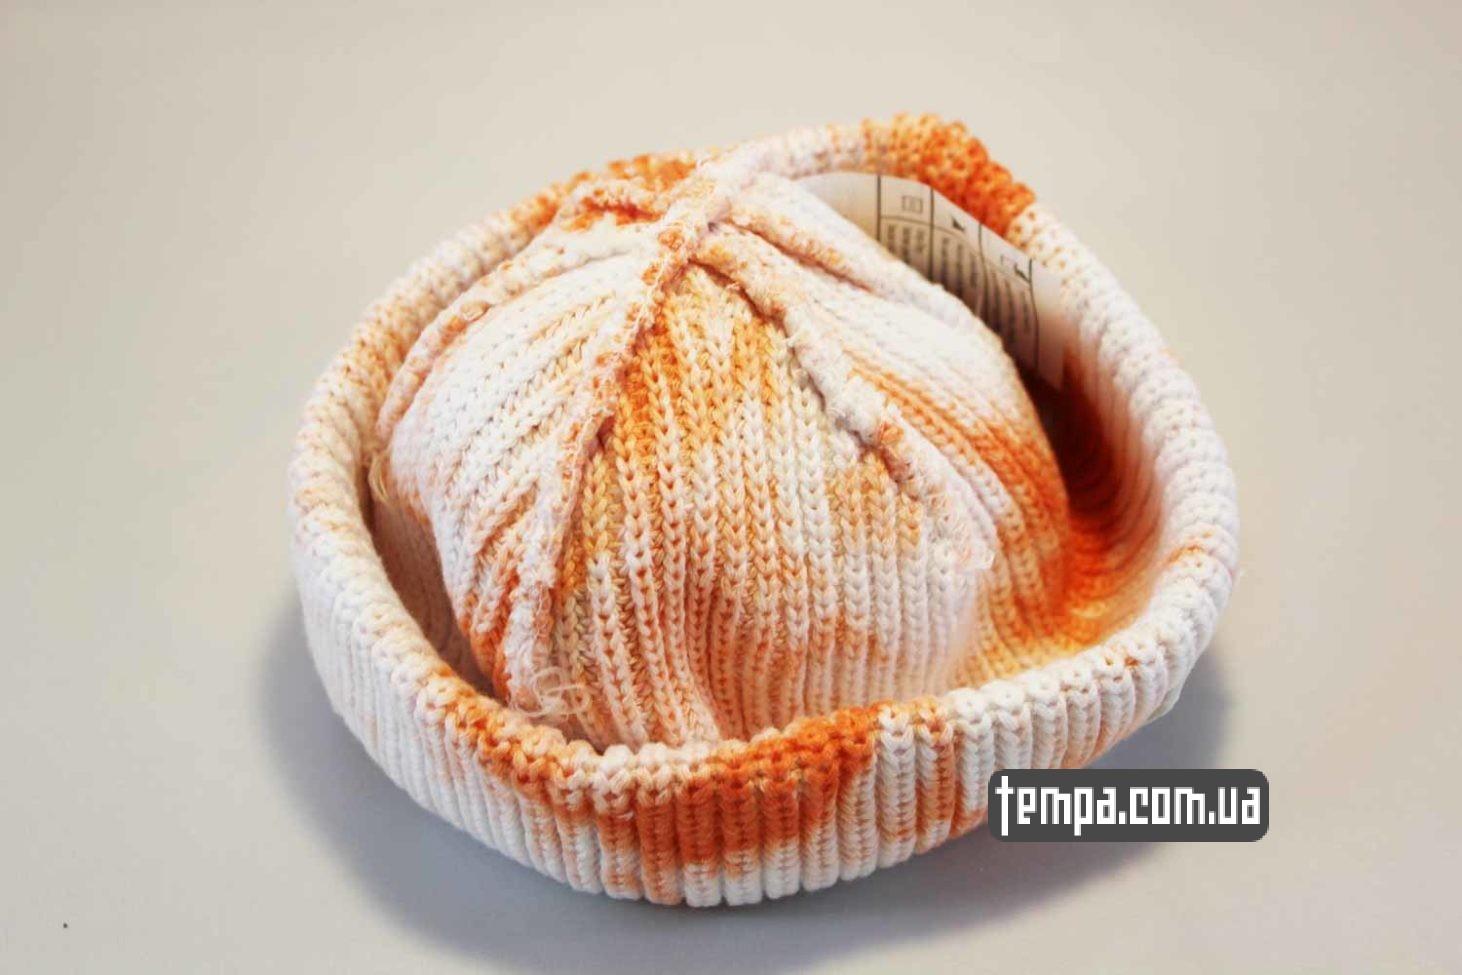 в пятная где купить короткая шапка beanie Carhartt пятнистая оранжево-белая